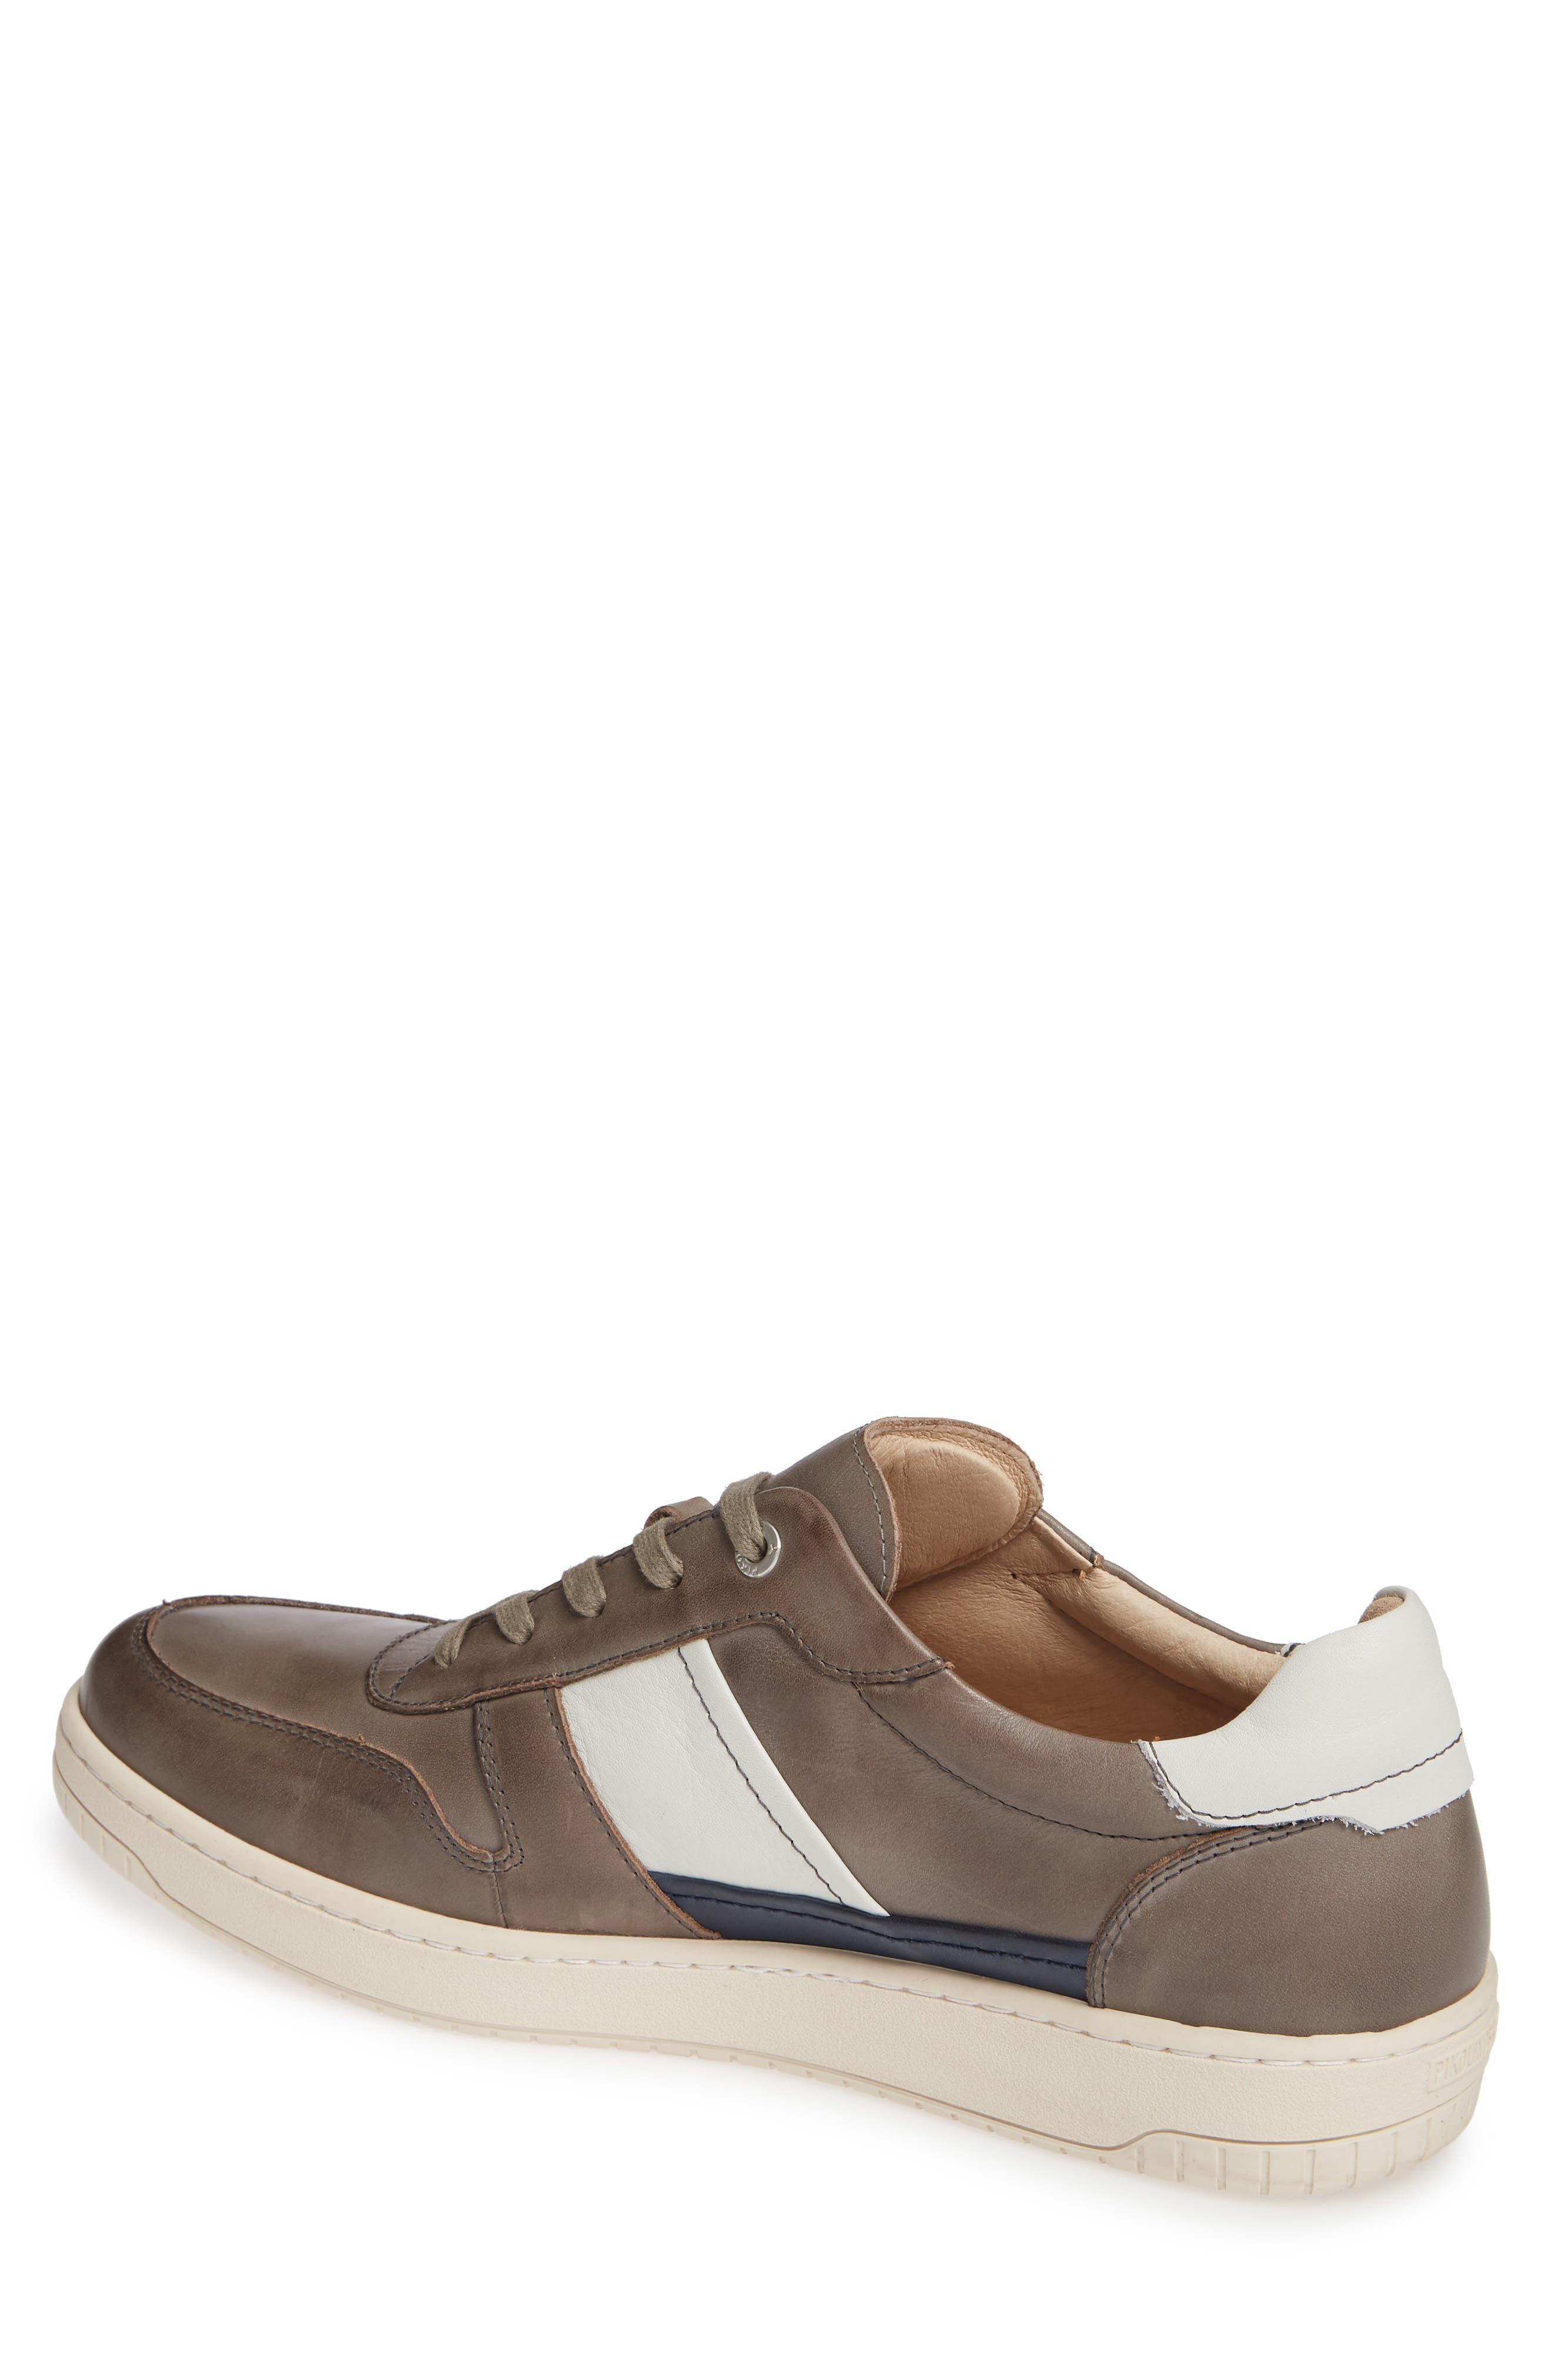 Corinto Sneaker,                             Alternate thumbnail 2, color,                             021